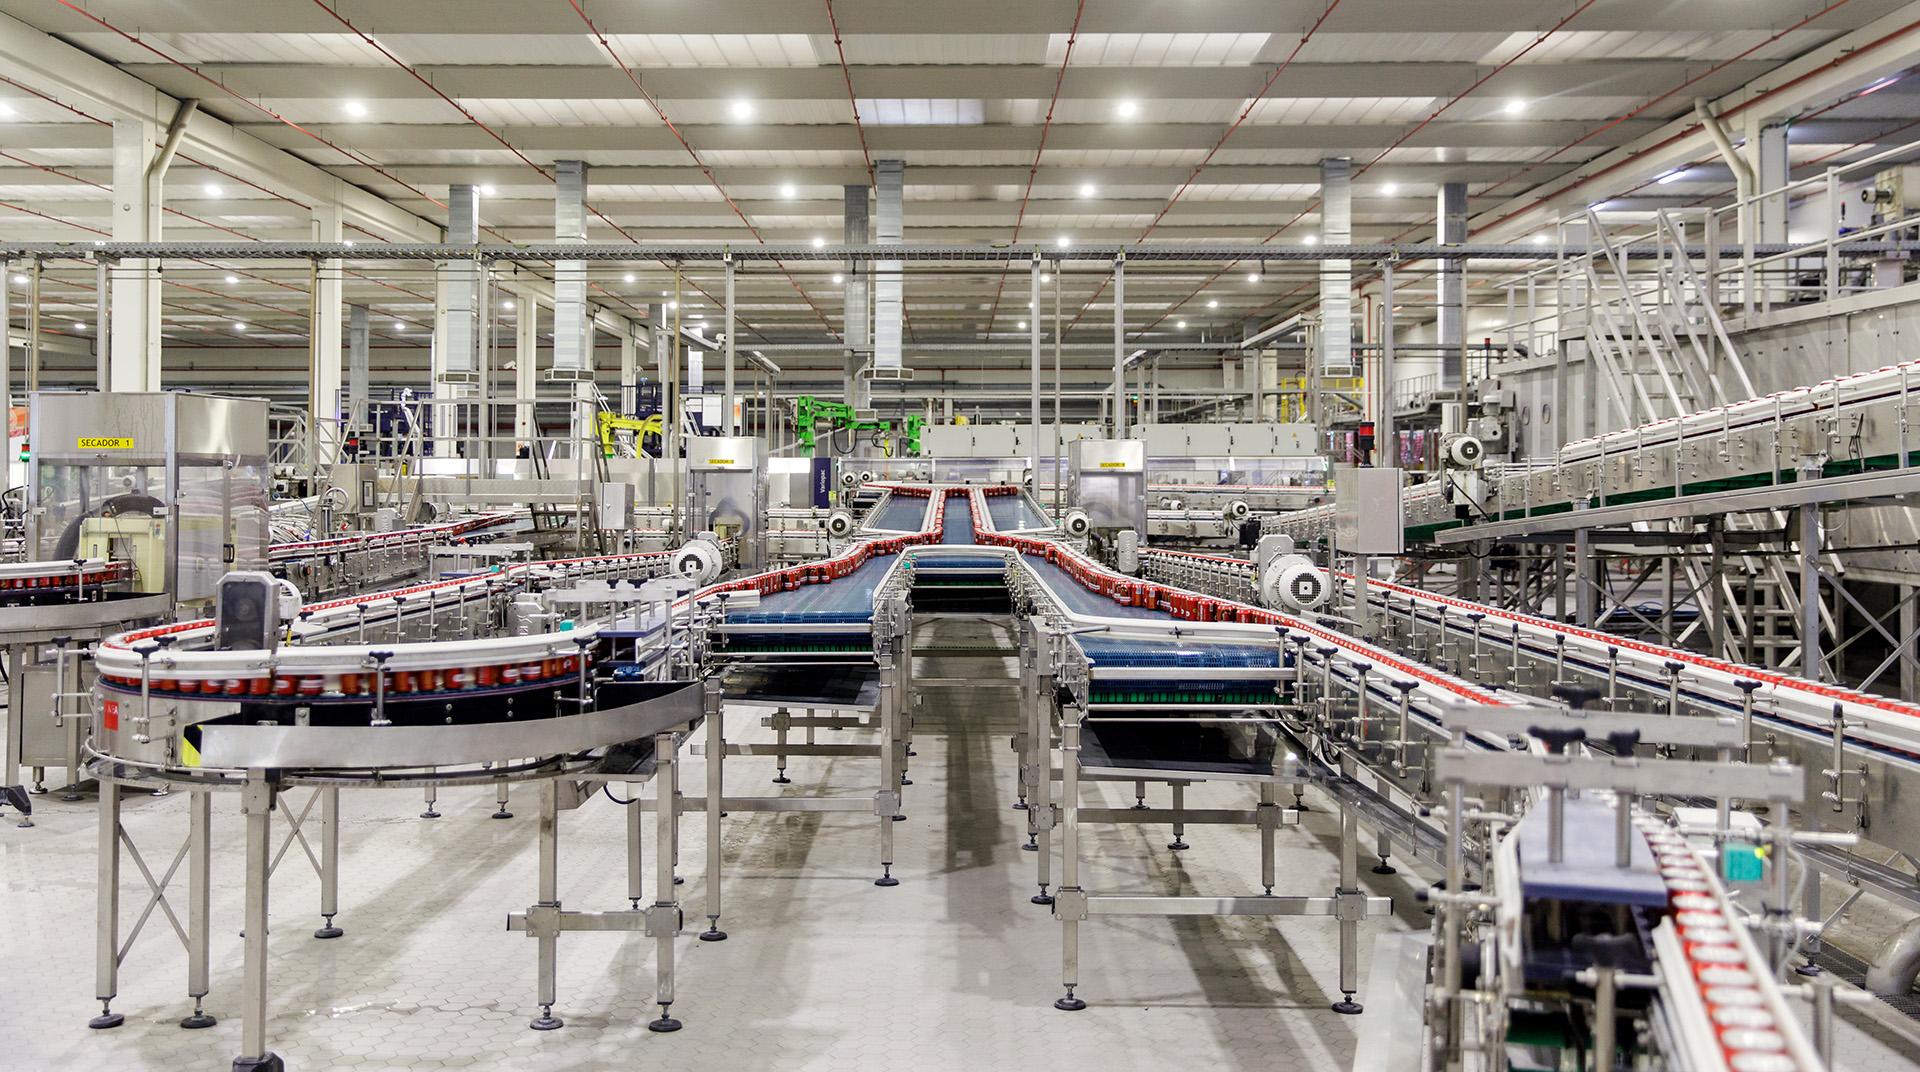 Heineken manufacturing line Seville spain